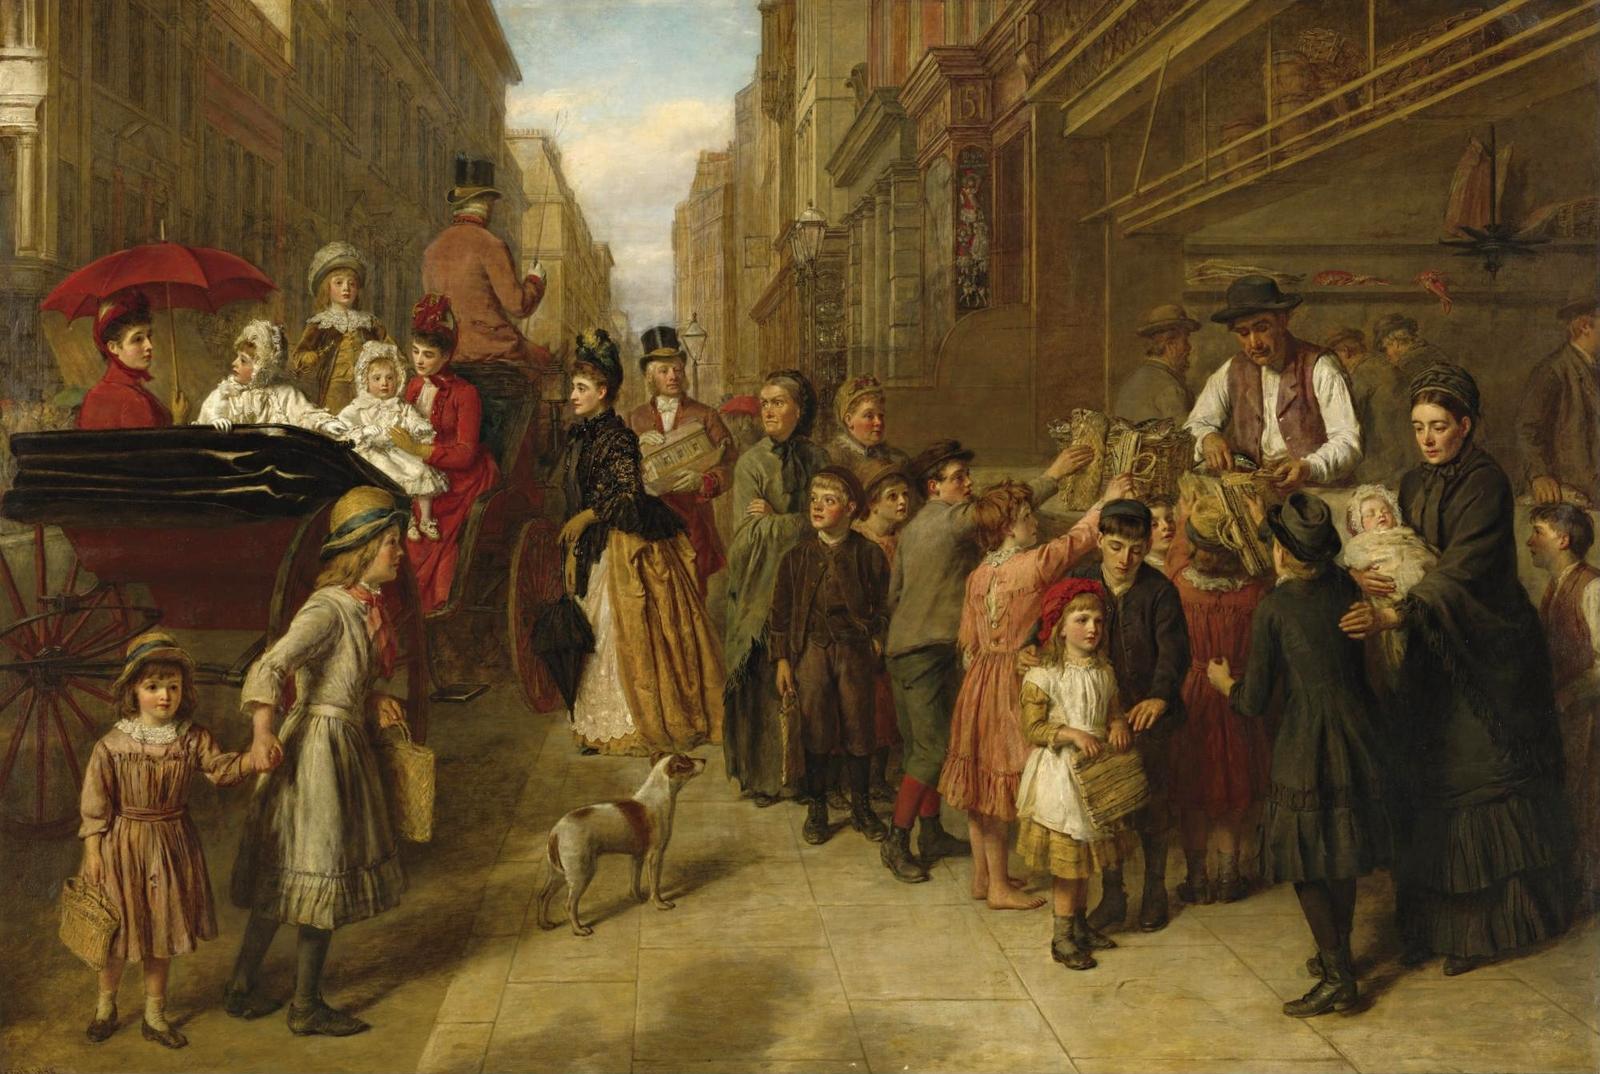 Уильям Пауэлл Фрайт. Бедность и богатство. 1888